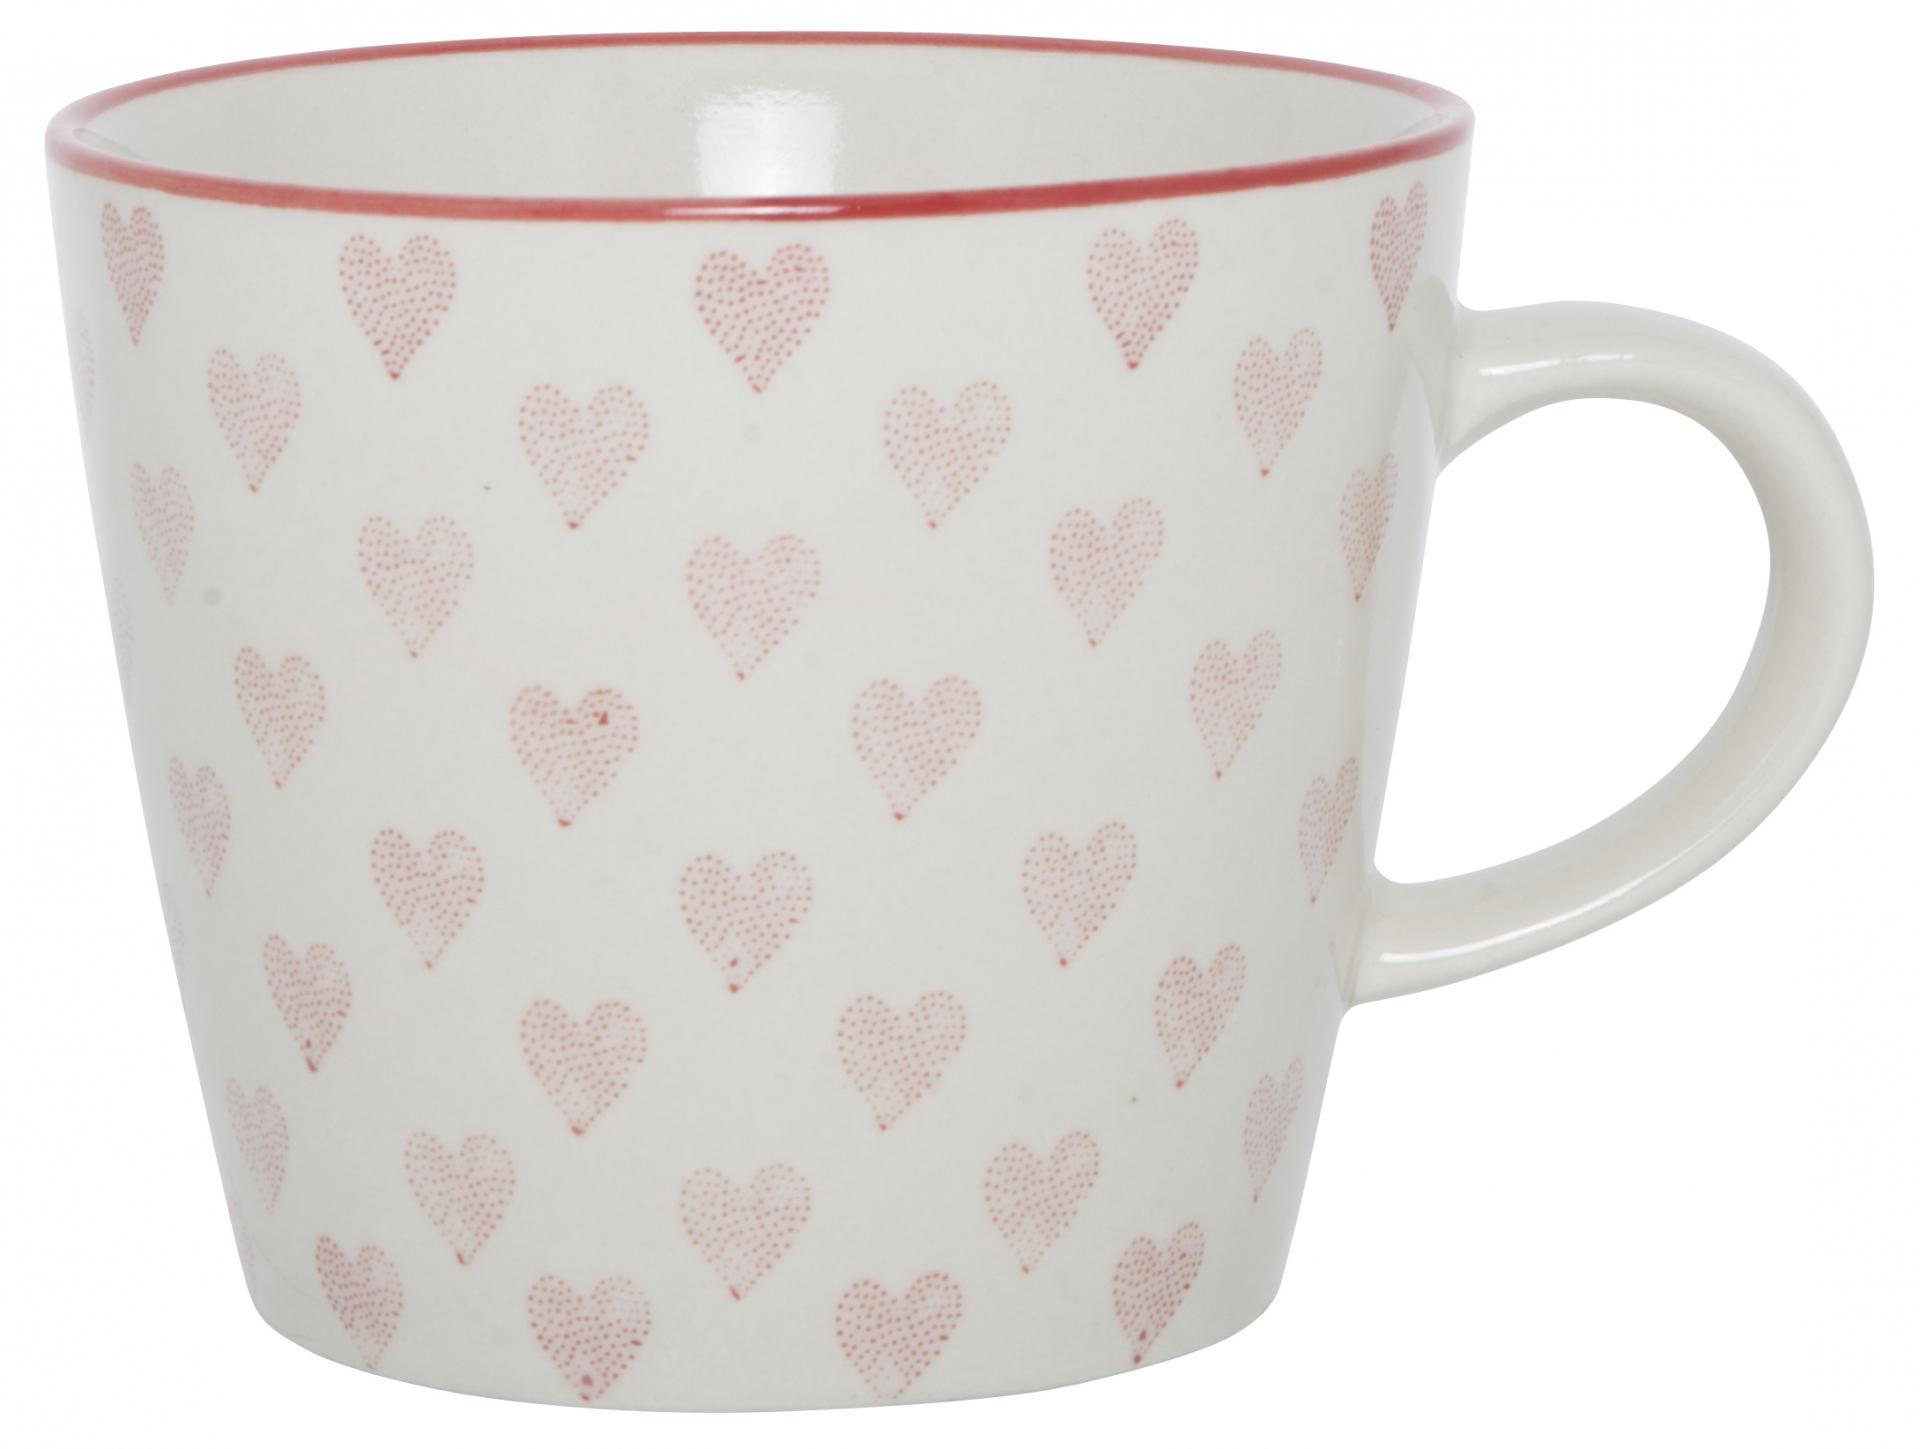 IB LAURSEN Hrneček Heart 300 ml, červená barva, bílá barva, keramika